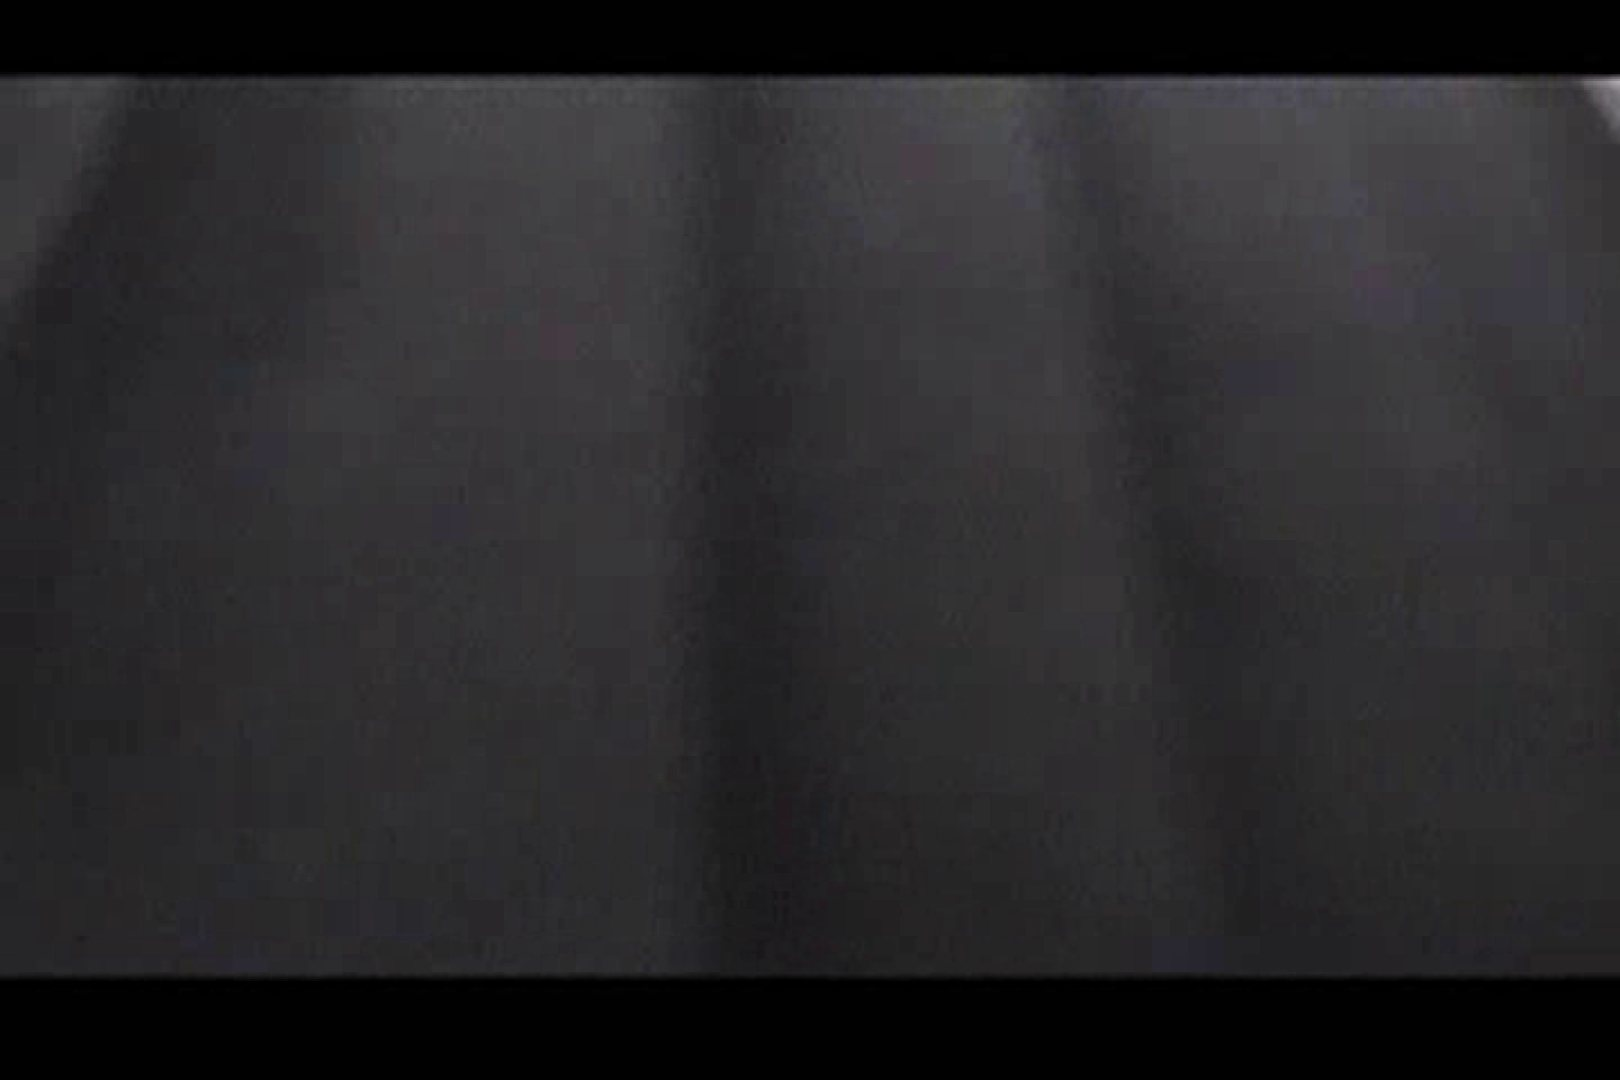 ぶっ掛け電車 只今運行中Vol.6 車 おめこ無修正動画無料 73PICs 40